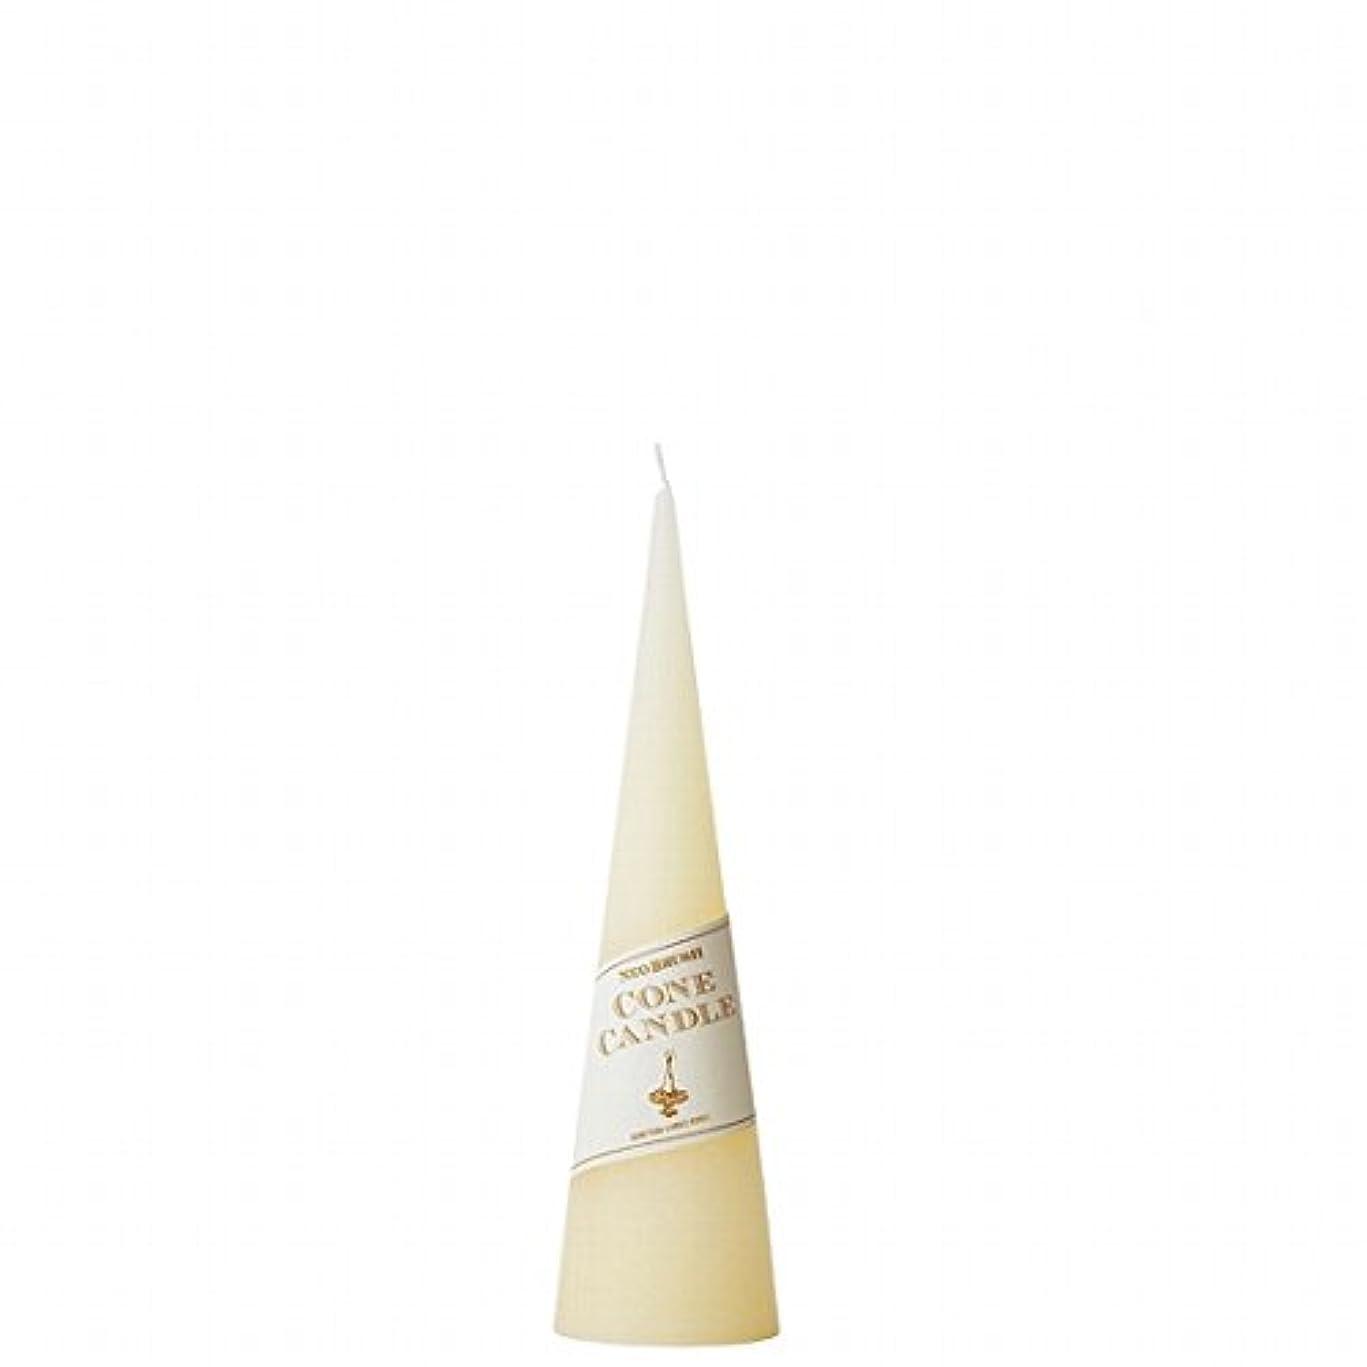 集中全滅させる仮称kameyama candle(カメヤマキャンドル) ネオブラッシュコーン 180 キャンドル 「 アイボリー 」(A9750010IV)